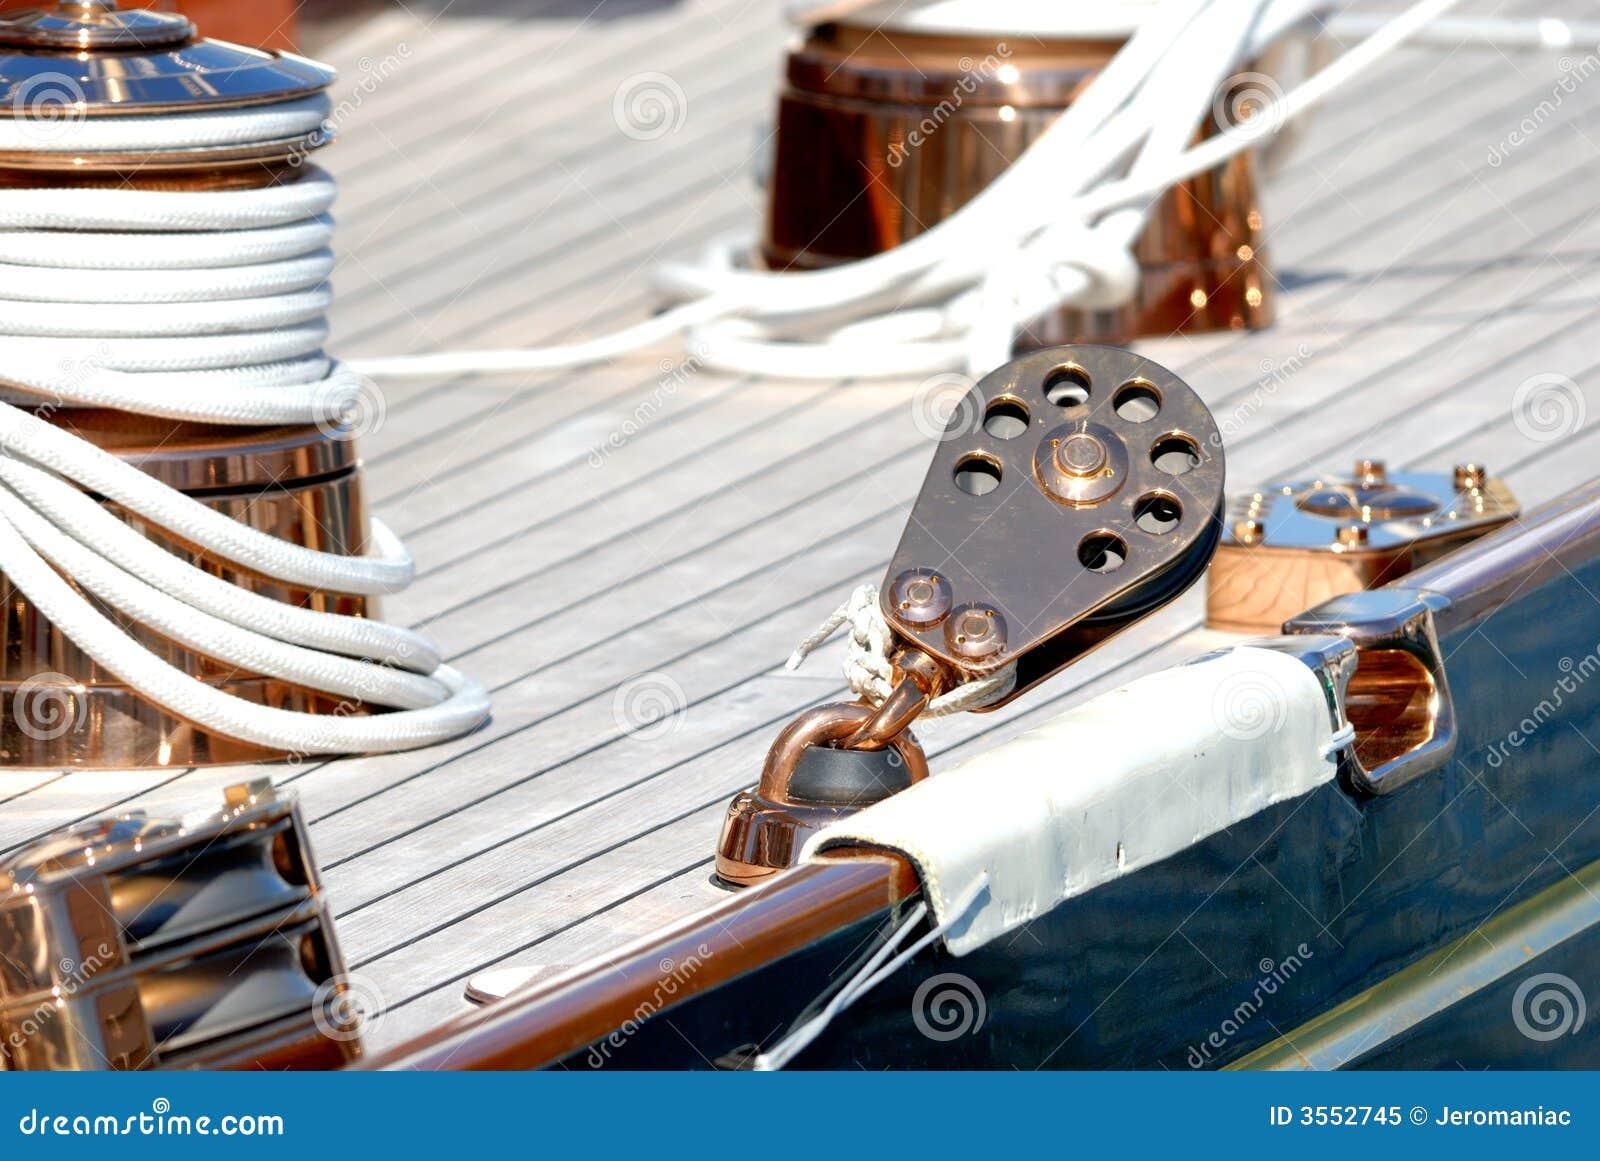 Barca molto piacevole, royale dei regates